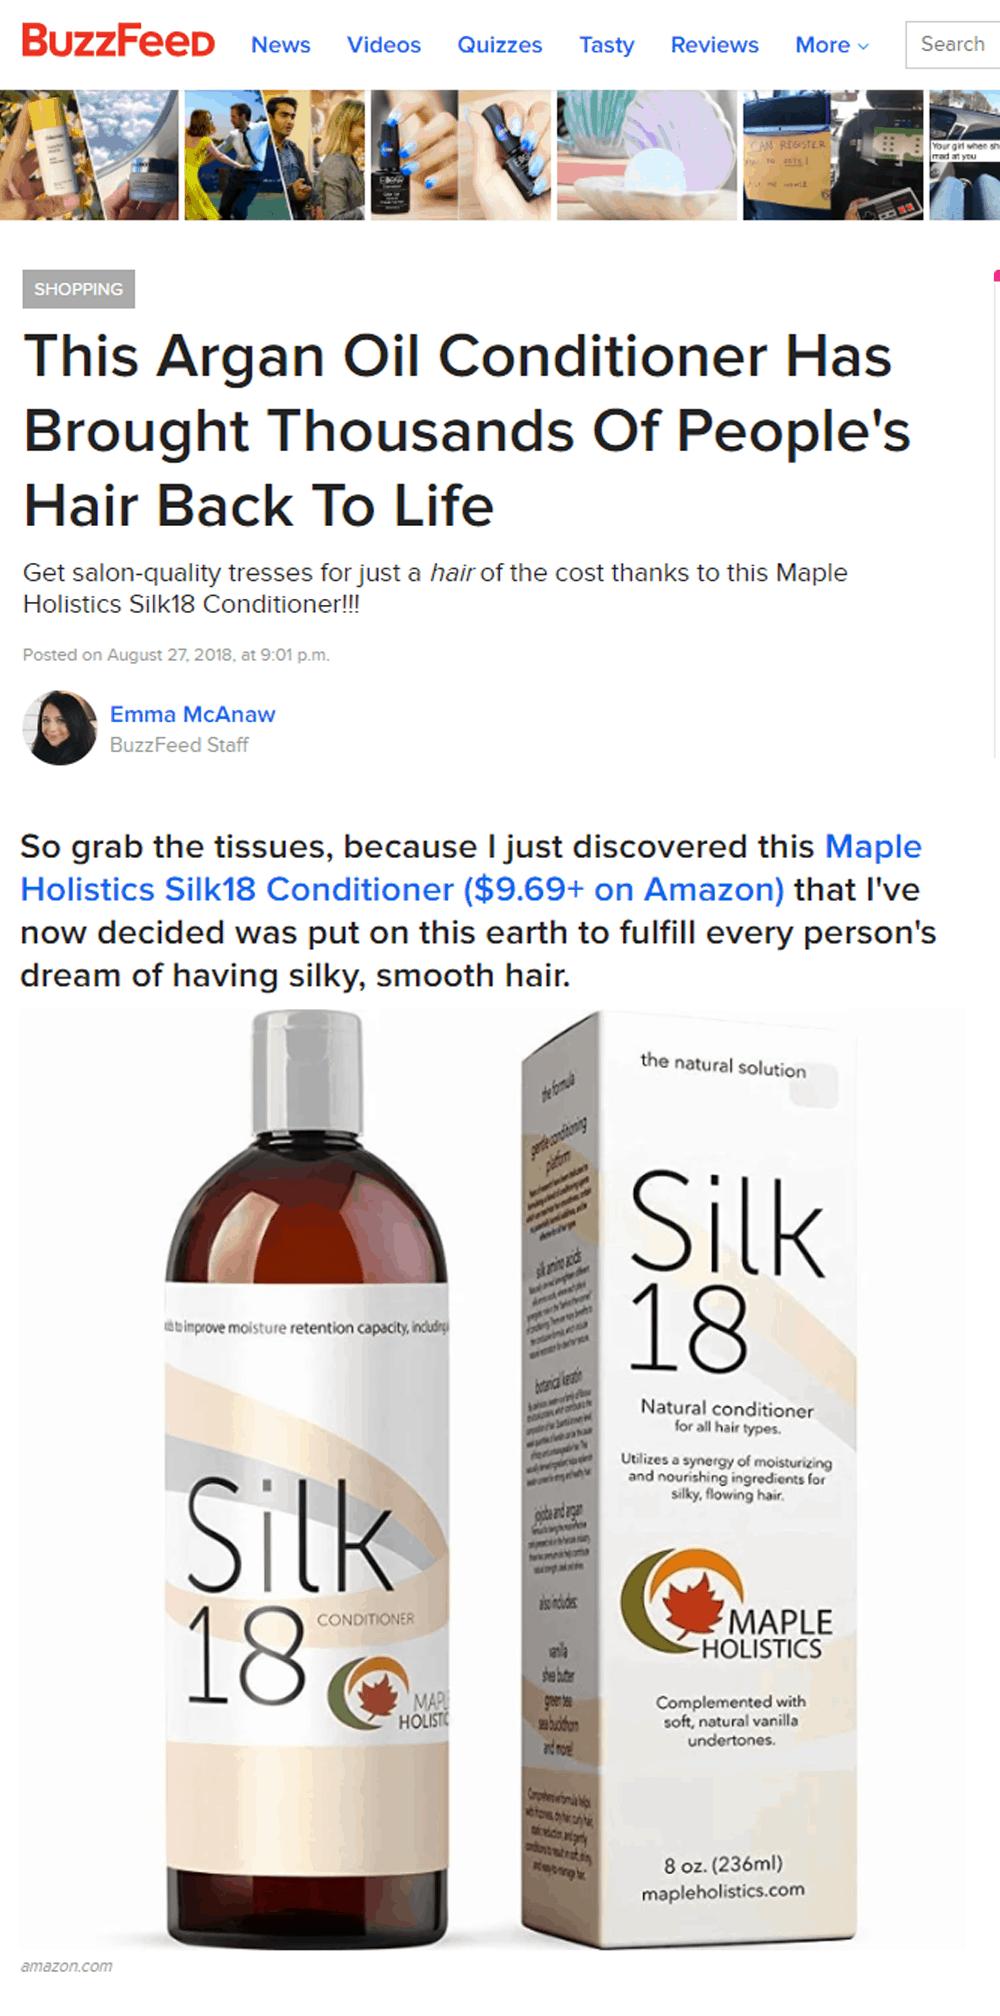 silk 18 on buzzfeed